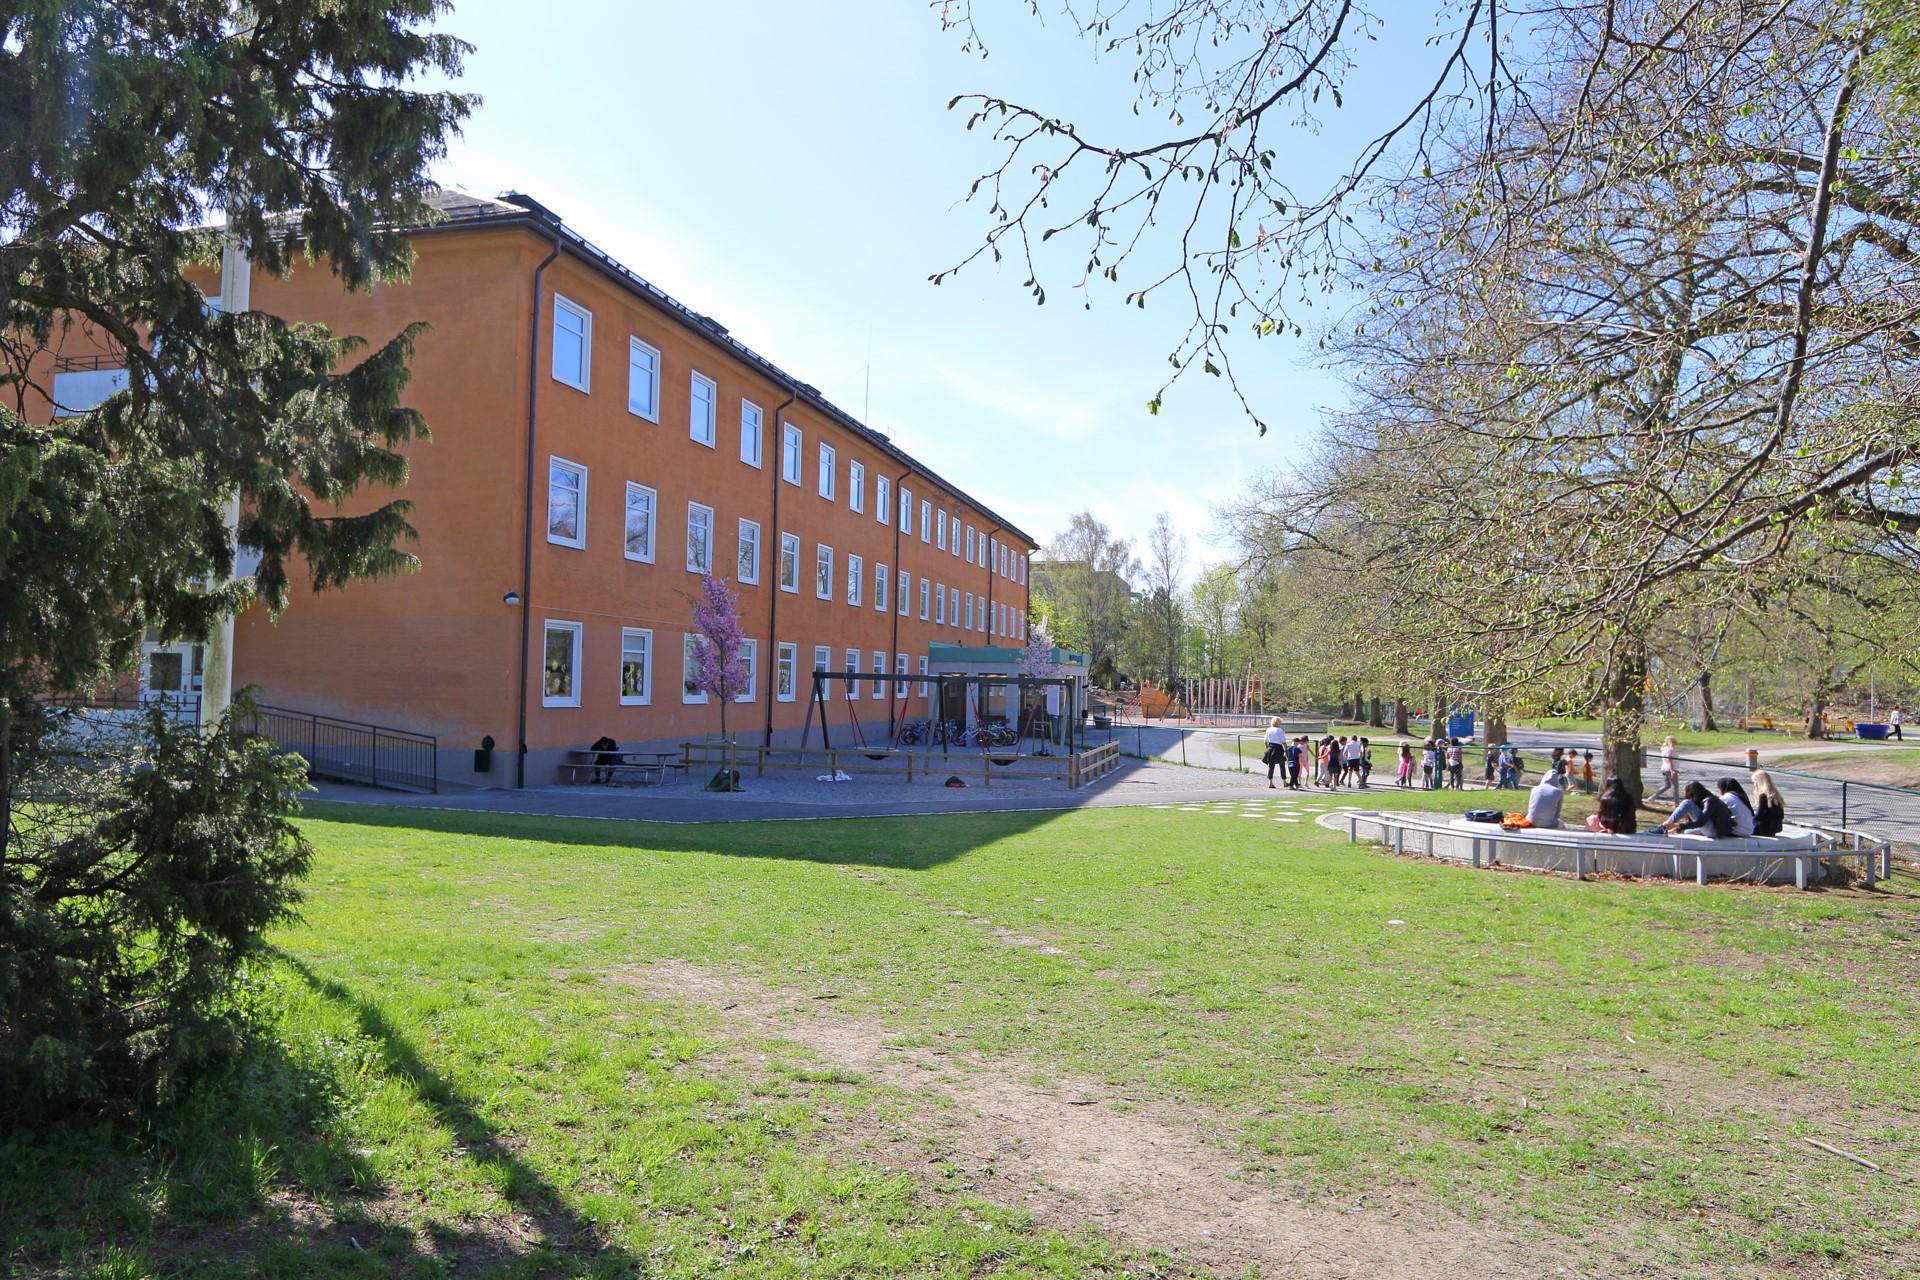 Raoul Wallenbergare skolan